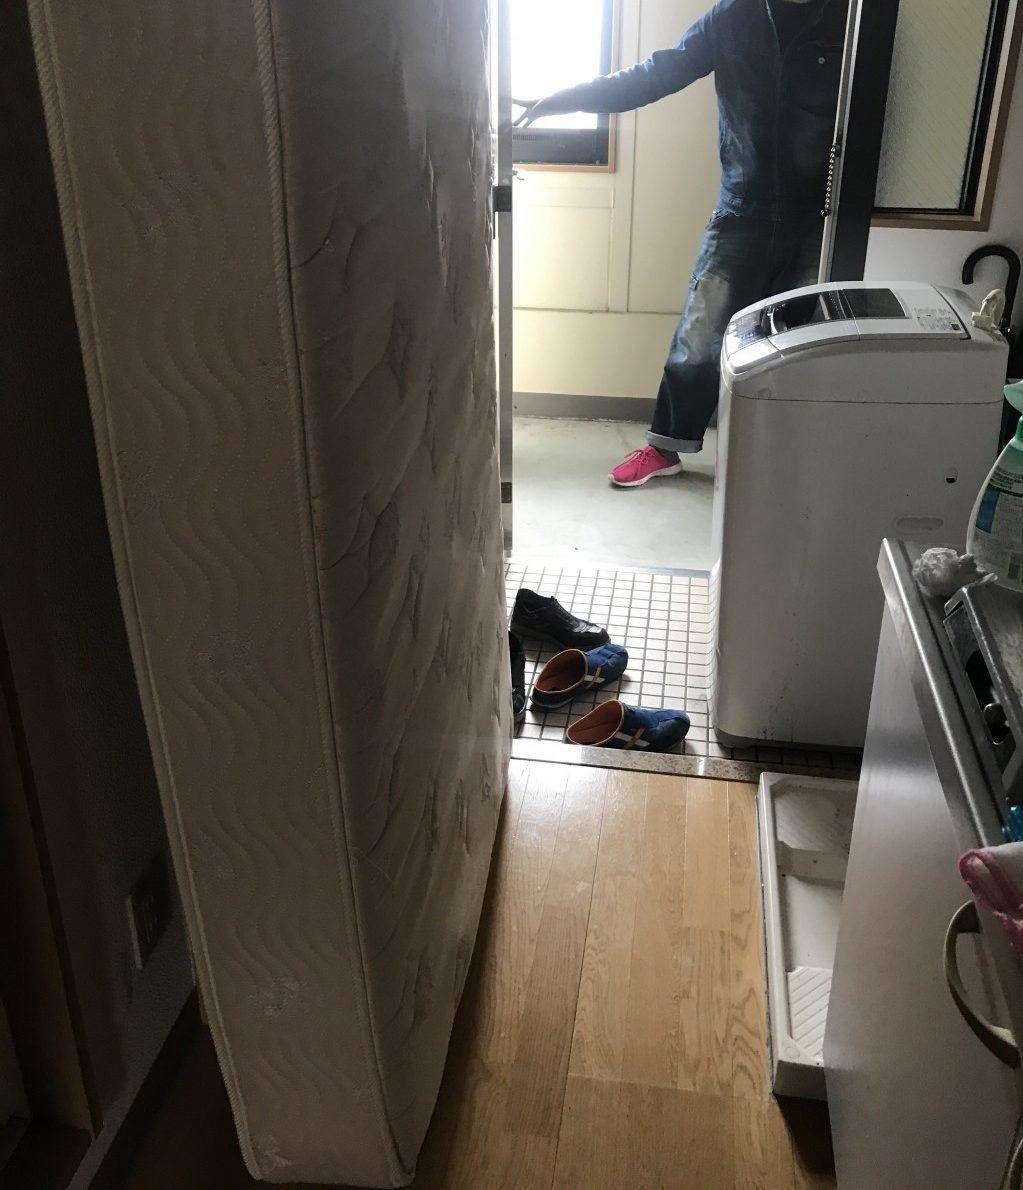 【喜多方市】洗濯機、マットレス等の処分 お客様の声